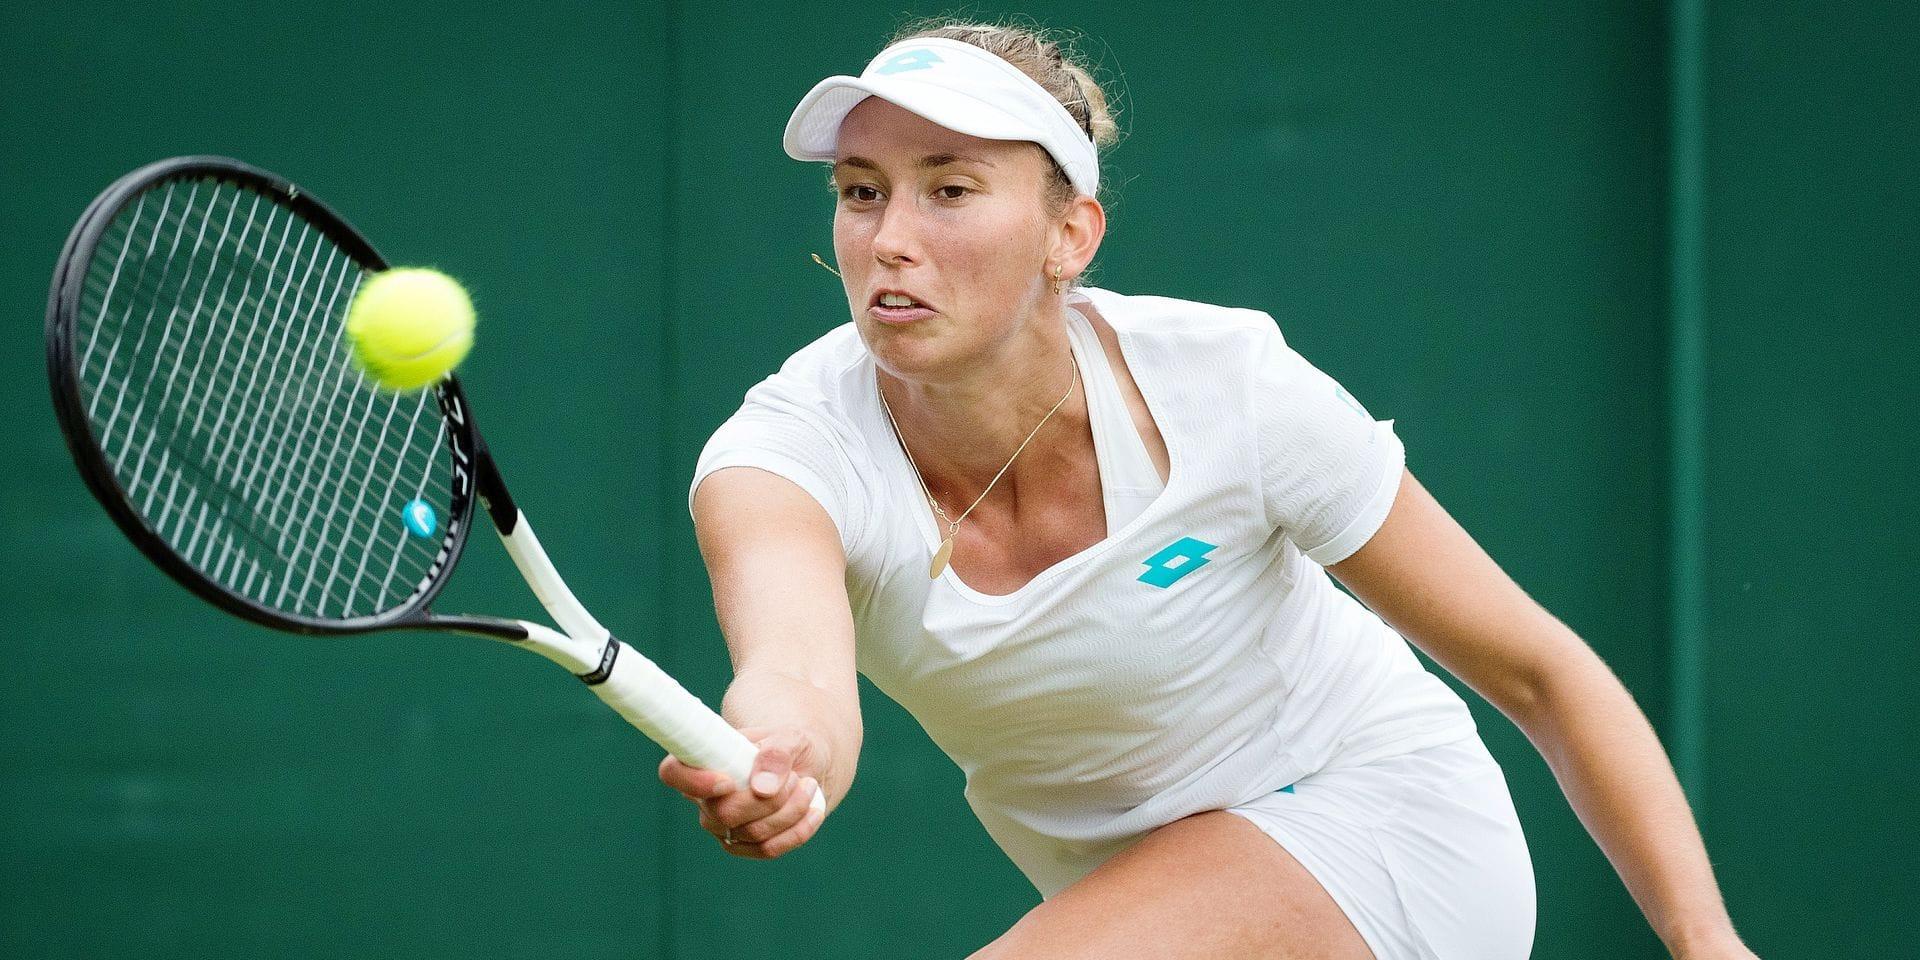 Mertens brille à Wimbledon et ce n'est que justice!